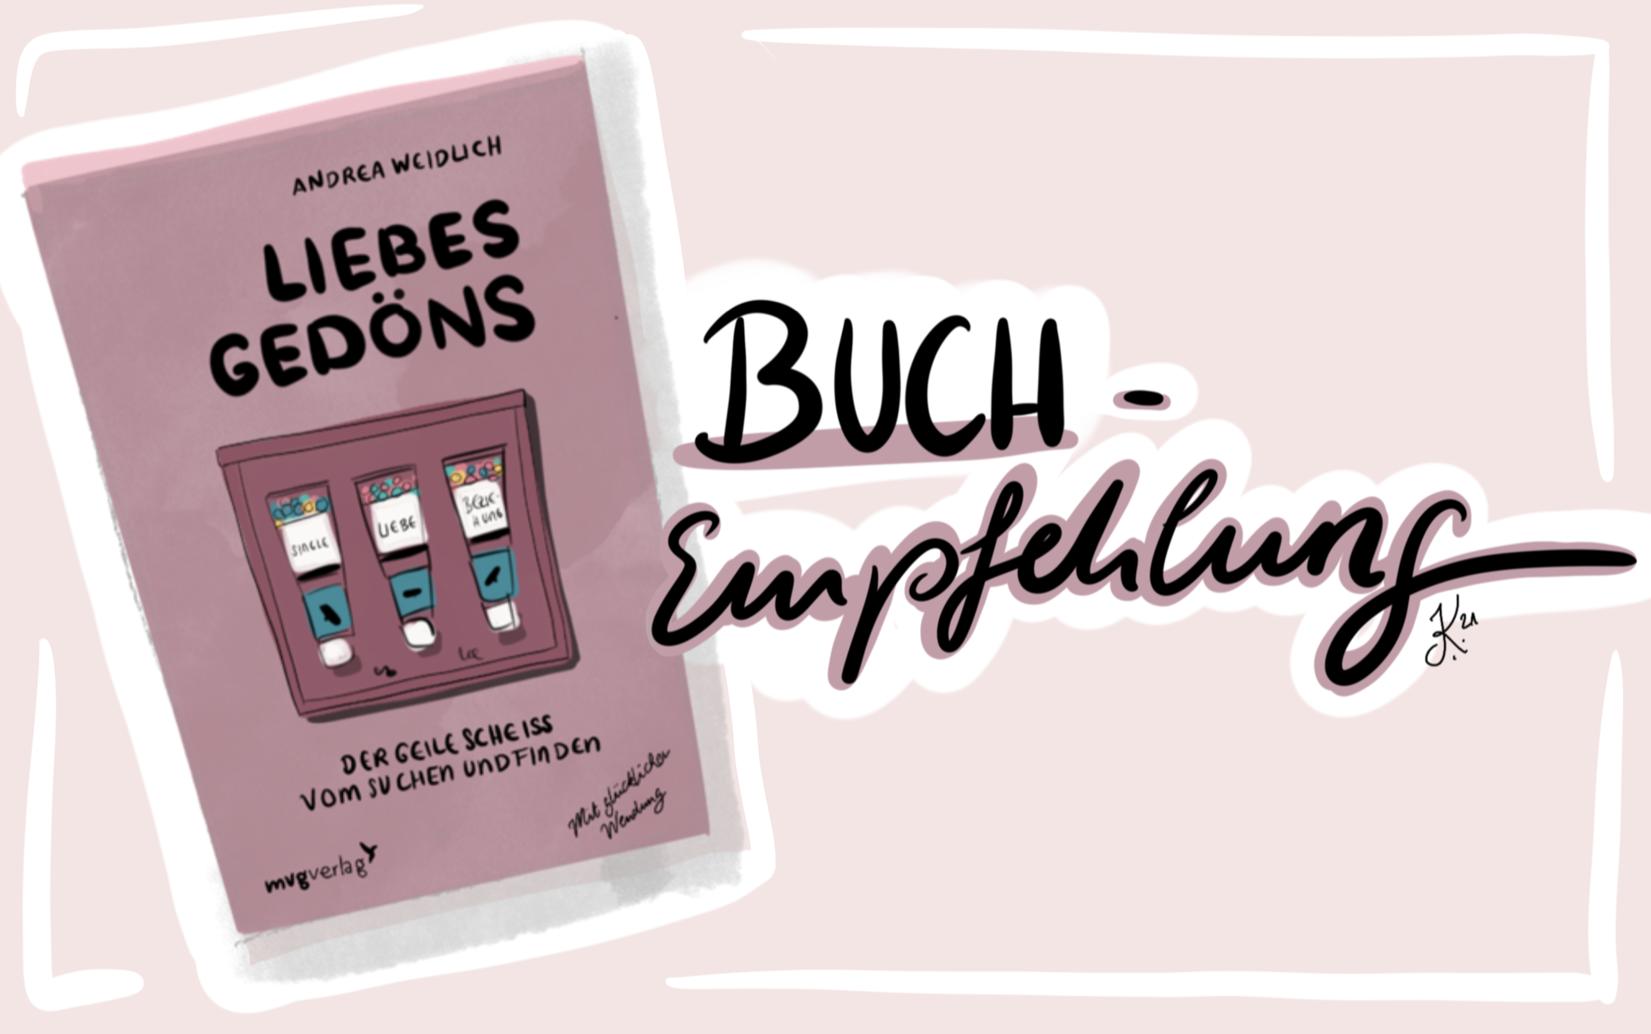 Liebesgedöns Buchempfehlung Vorschaubild